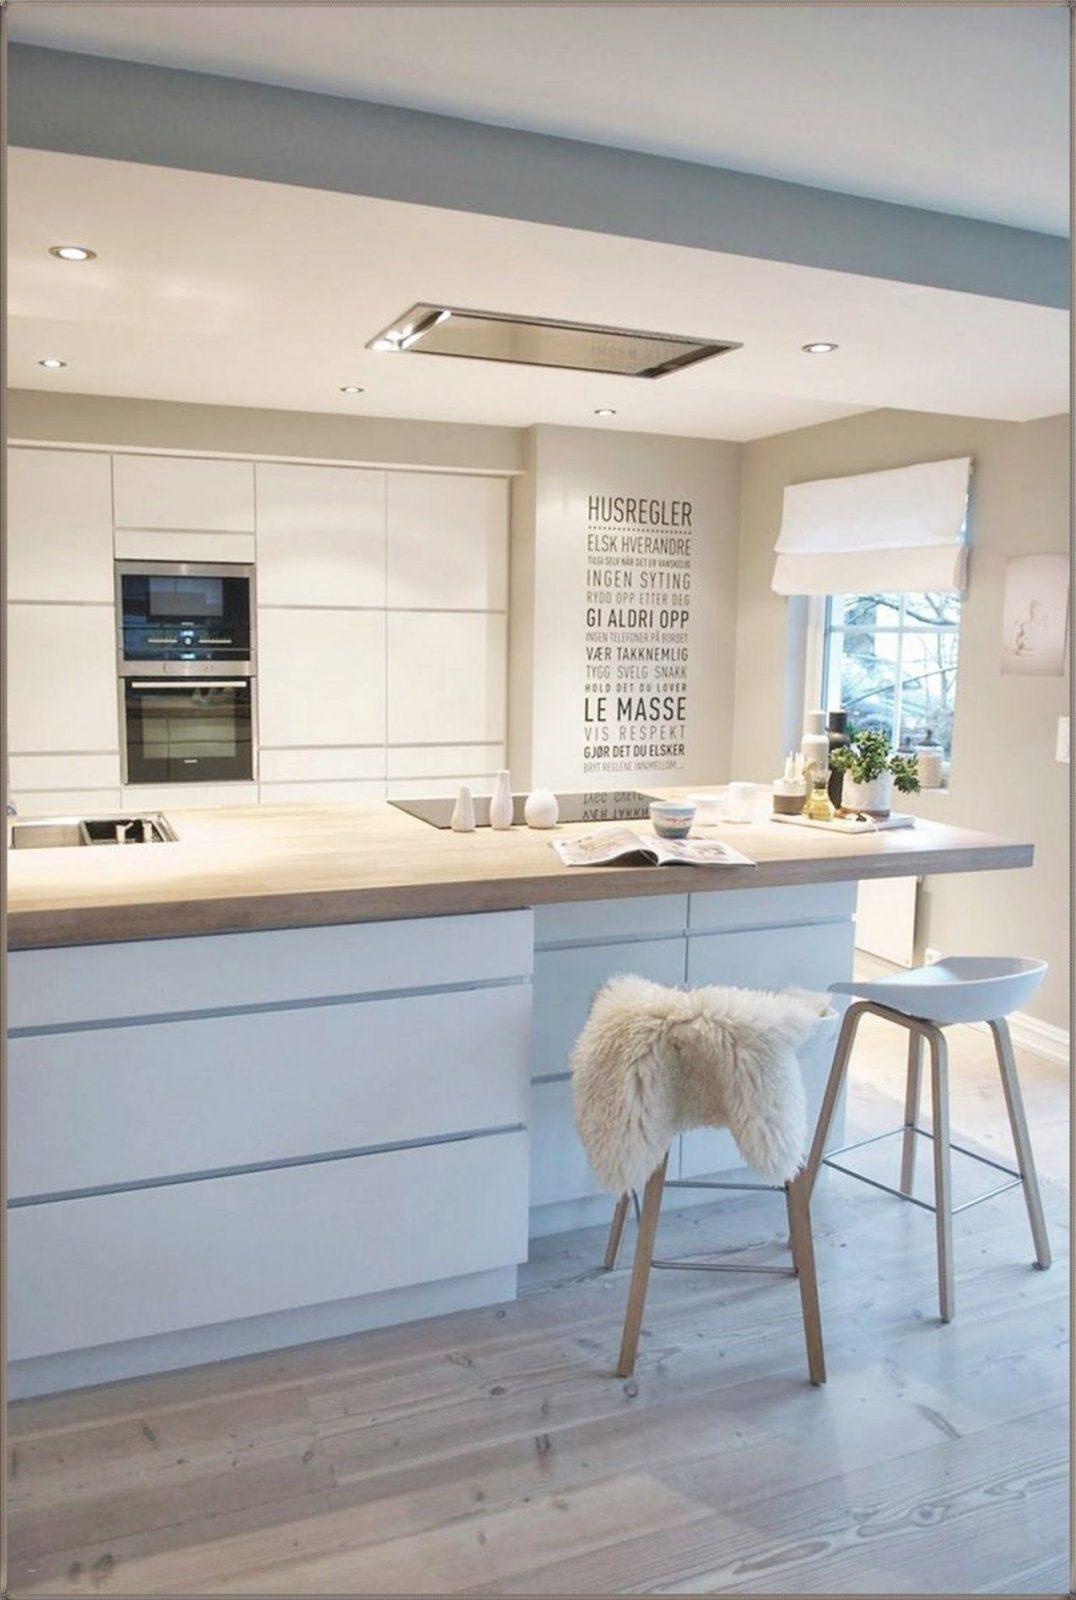 Küche Ohne Griffe Best Of Groß Weiße Küche Ohne Griffe Von Ikea Küche Ohne  Griffe Bild